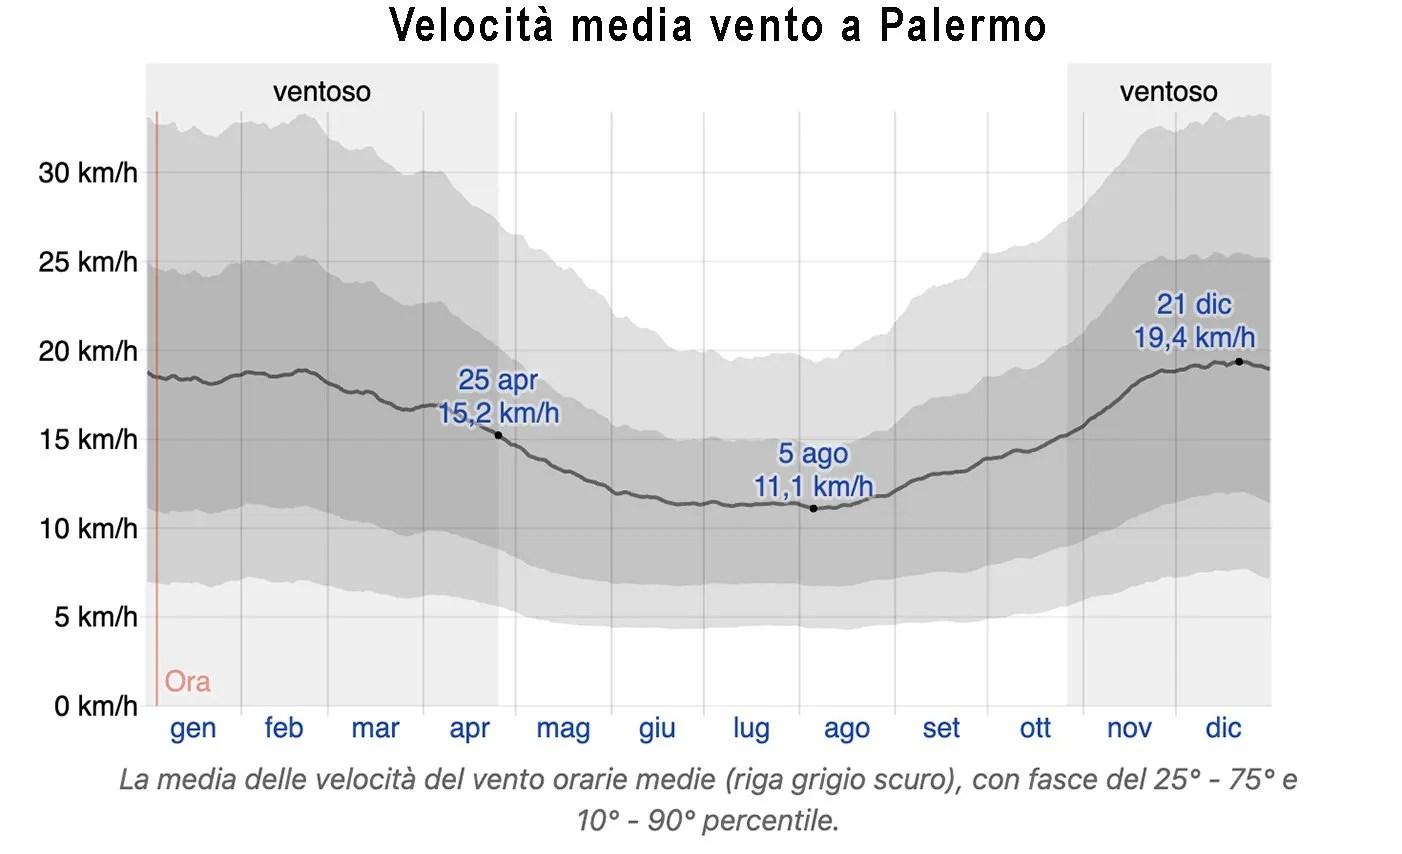 velocità media vento Palermo